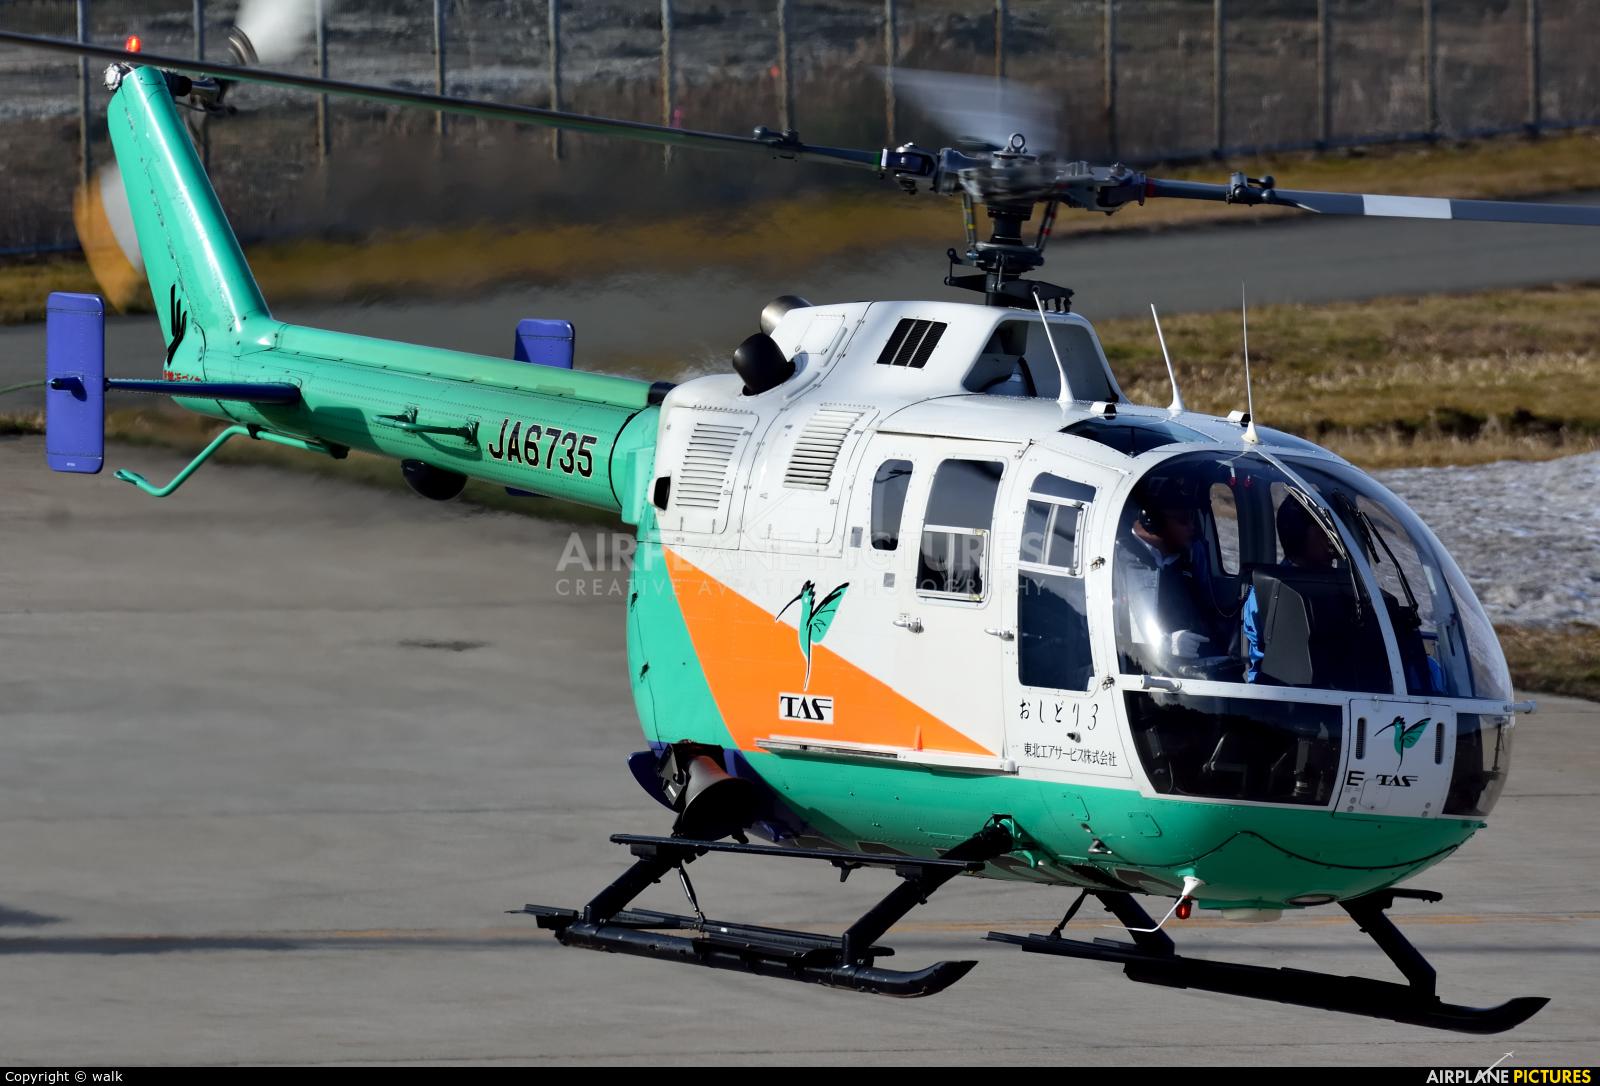 Tohoku Air Service JA6735 aircraft at Akita